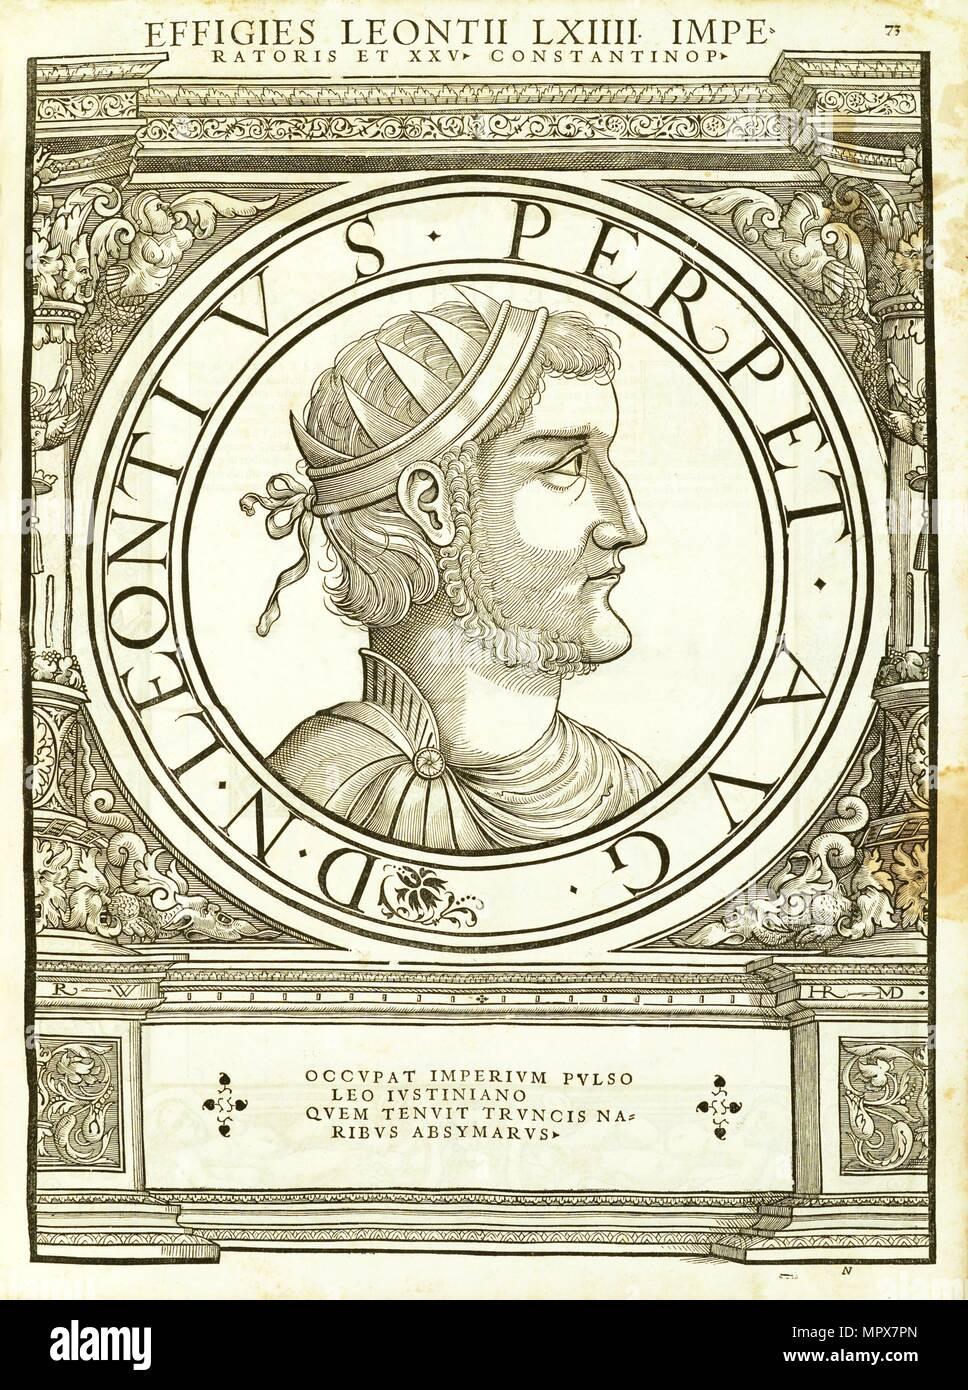 Leonitus (d. 706), 1559. - Stock Image